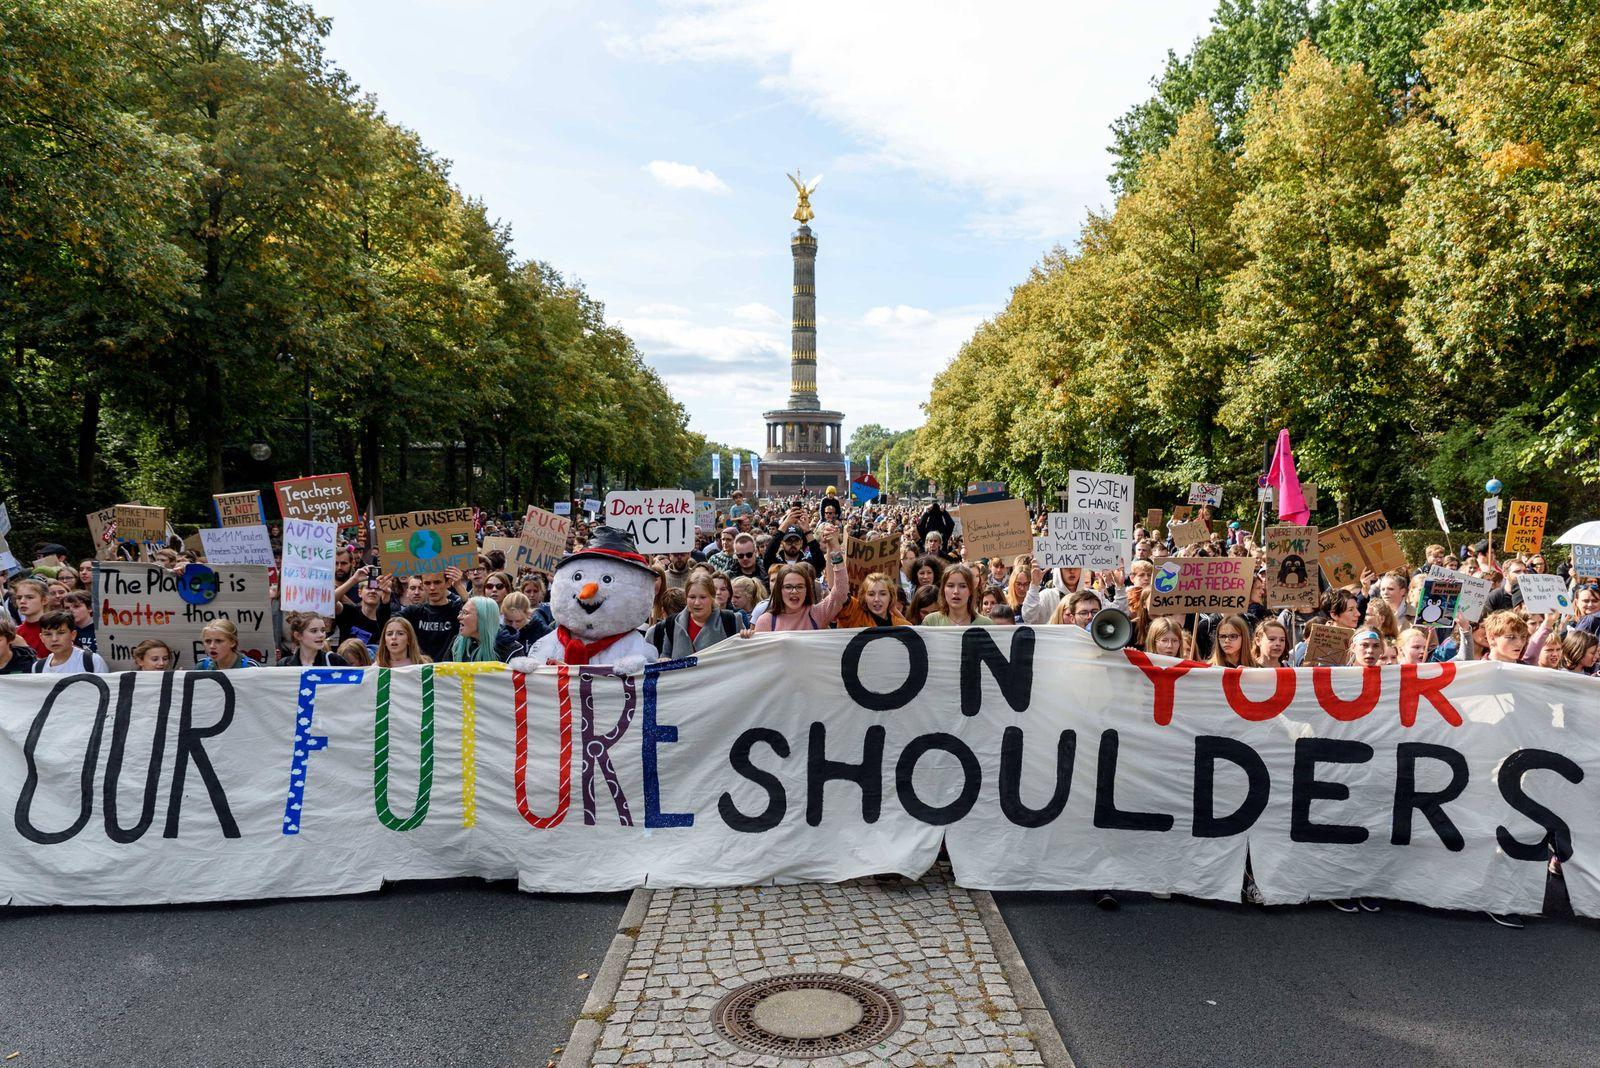 Demonstranten bei der Fridays for Future -Demonstration im Rahmen des weltweiten Klimastreiks ( GlobalClimateStrike) unt